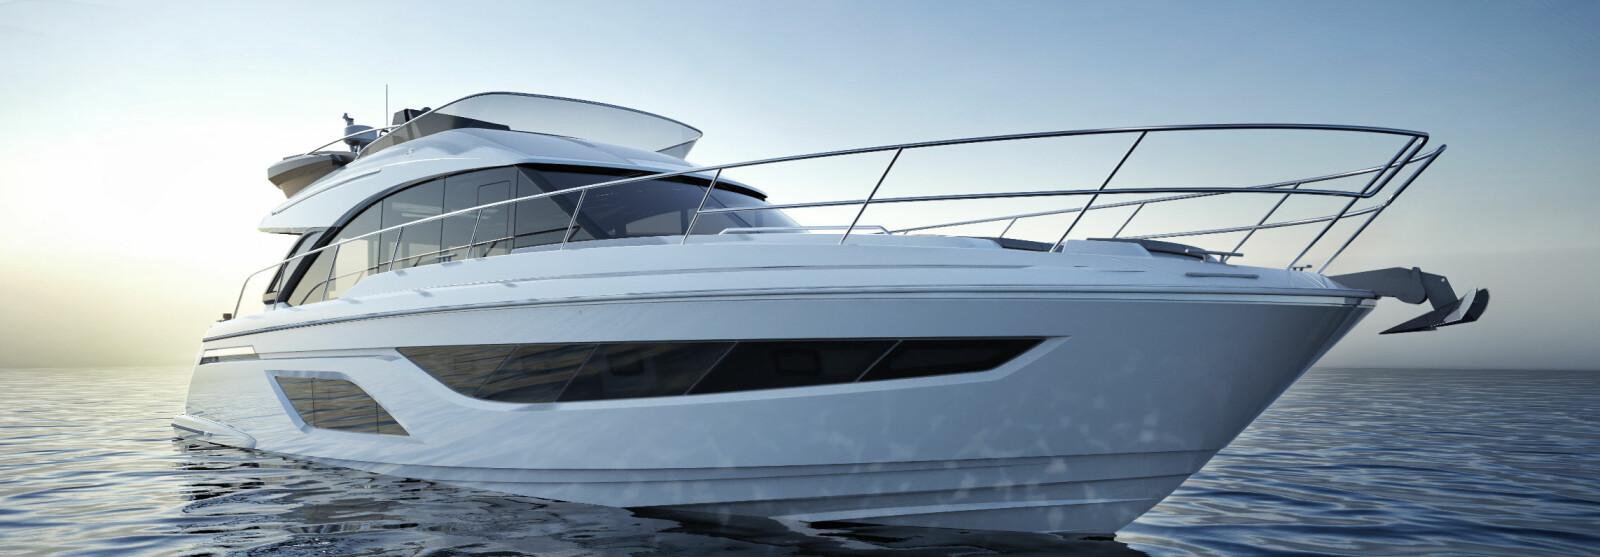 <b>BAVARIA R55:</b> Toppmodellen i motorbåt-serien var knapt lansert før verftet ble satt under administrasjon. Nå er produksjonen flyttet til egne lokaler og den første kontrakten for Norge undertegnet.